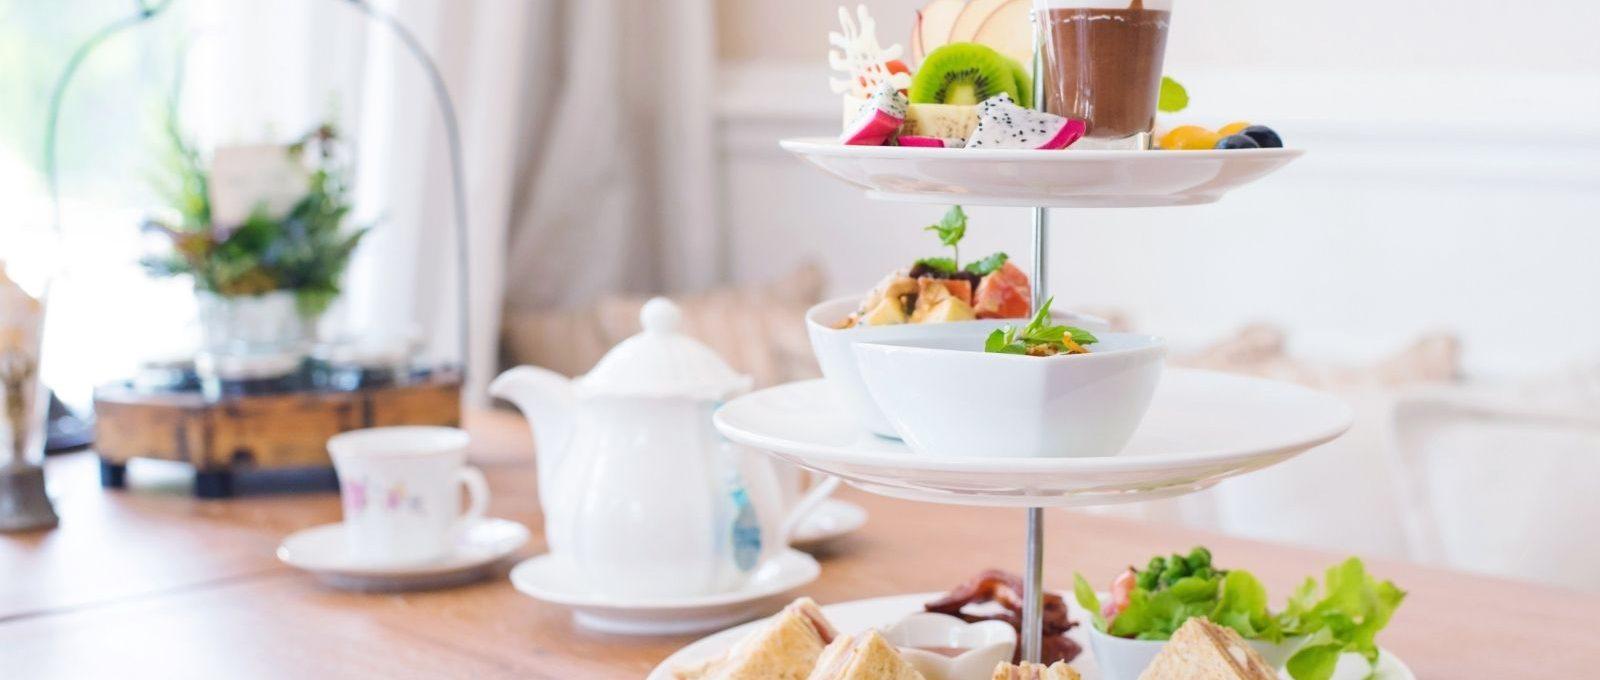 Wat is het verschil tussen high tea en afternoon tea?